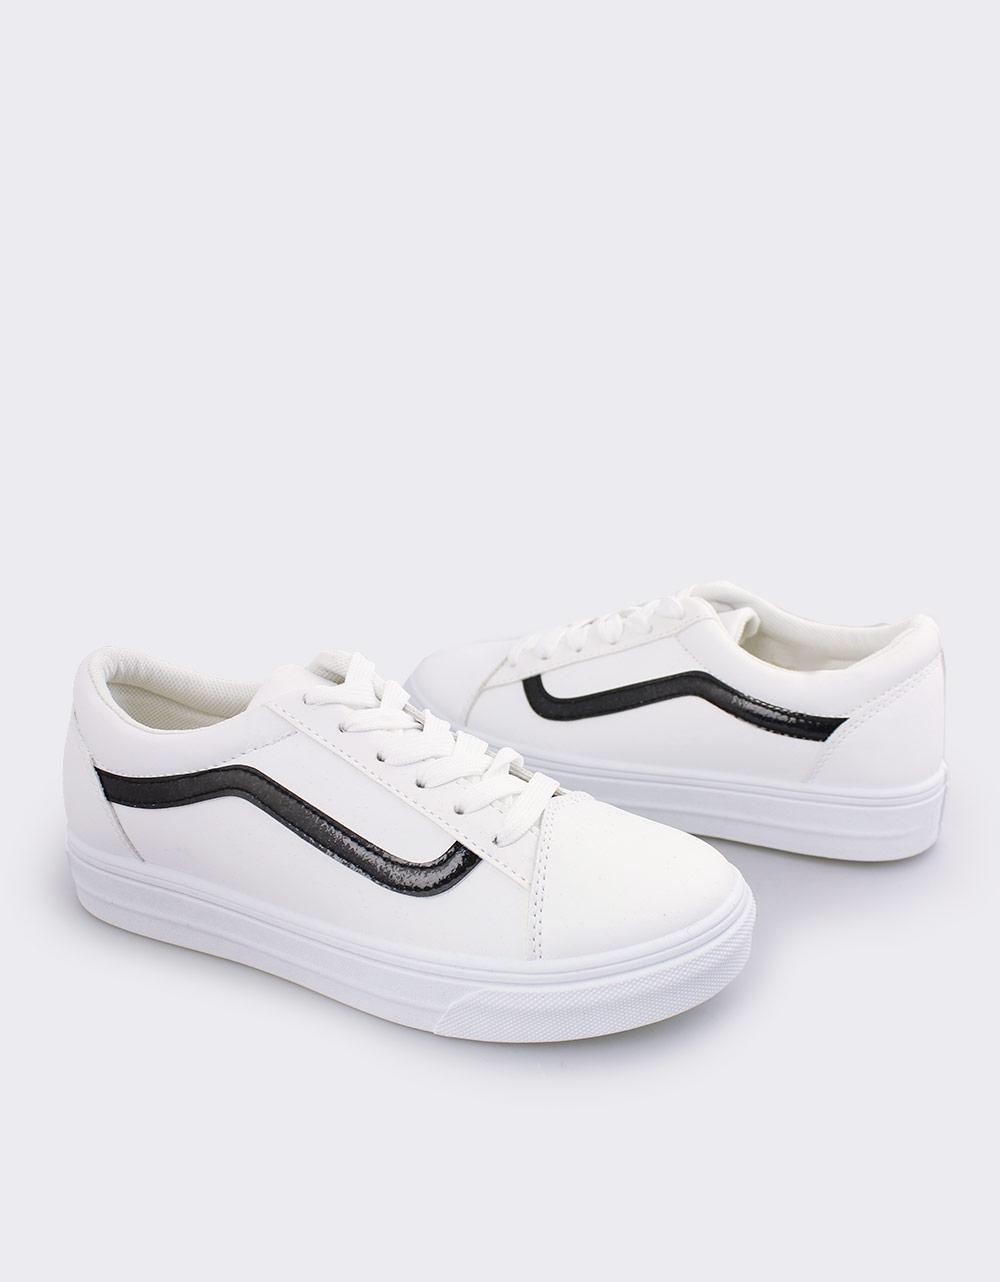 Εικόνα από Γυναικεία sneakers με λεπτομέρεια με glitter Λευκό/Μαύρο